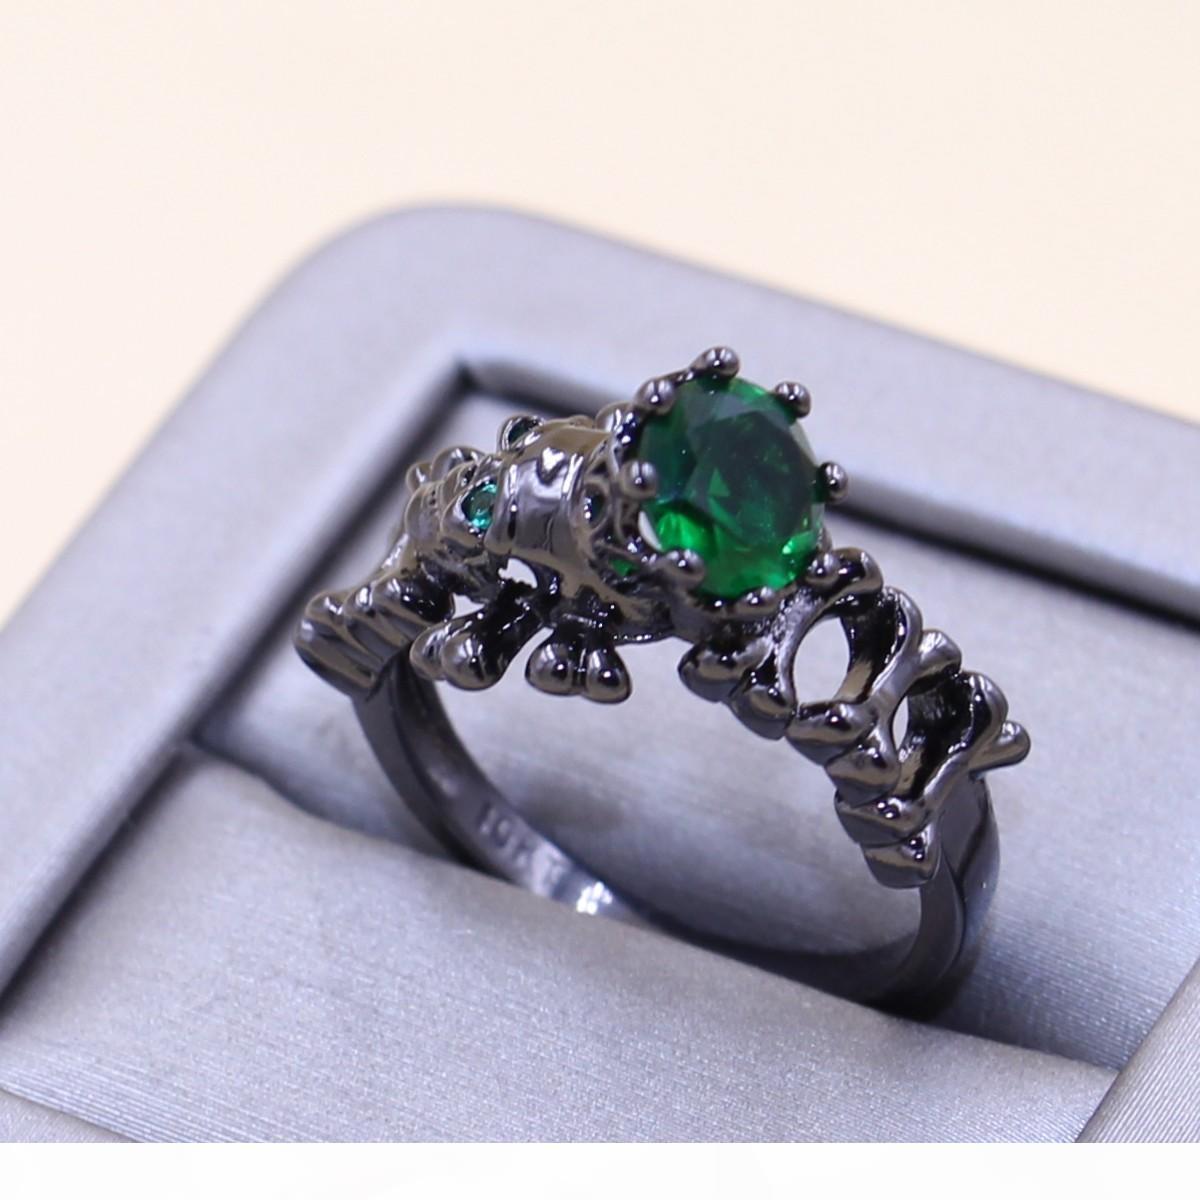 Una nueva llegada 2017 joyas impresionantes punky de la manera 10kt Gold Filled Negro Skull Ring Anillo de boda de diamante de la CZ Esmeralda Partido popular de las mujeres